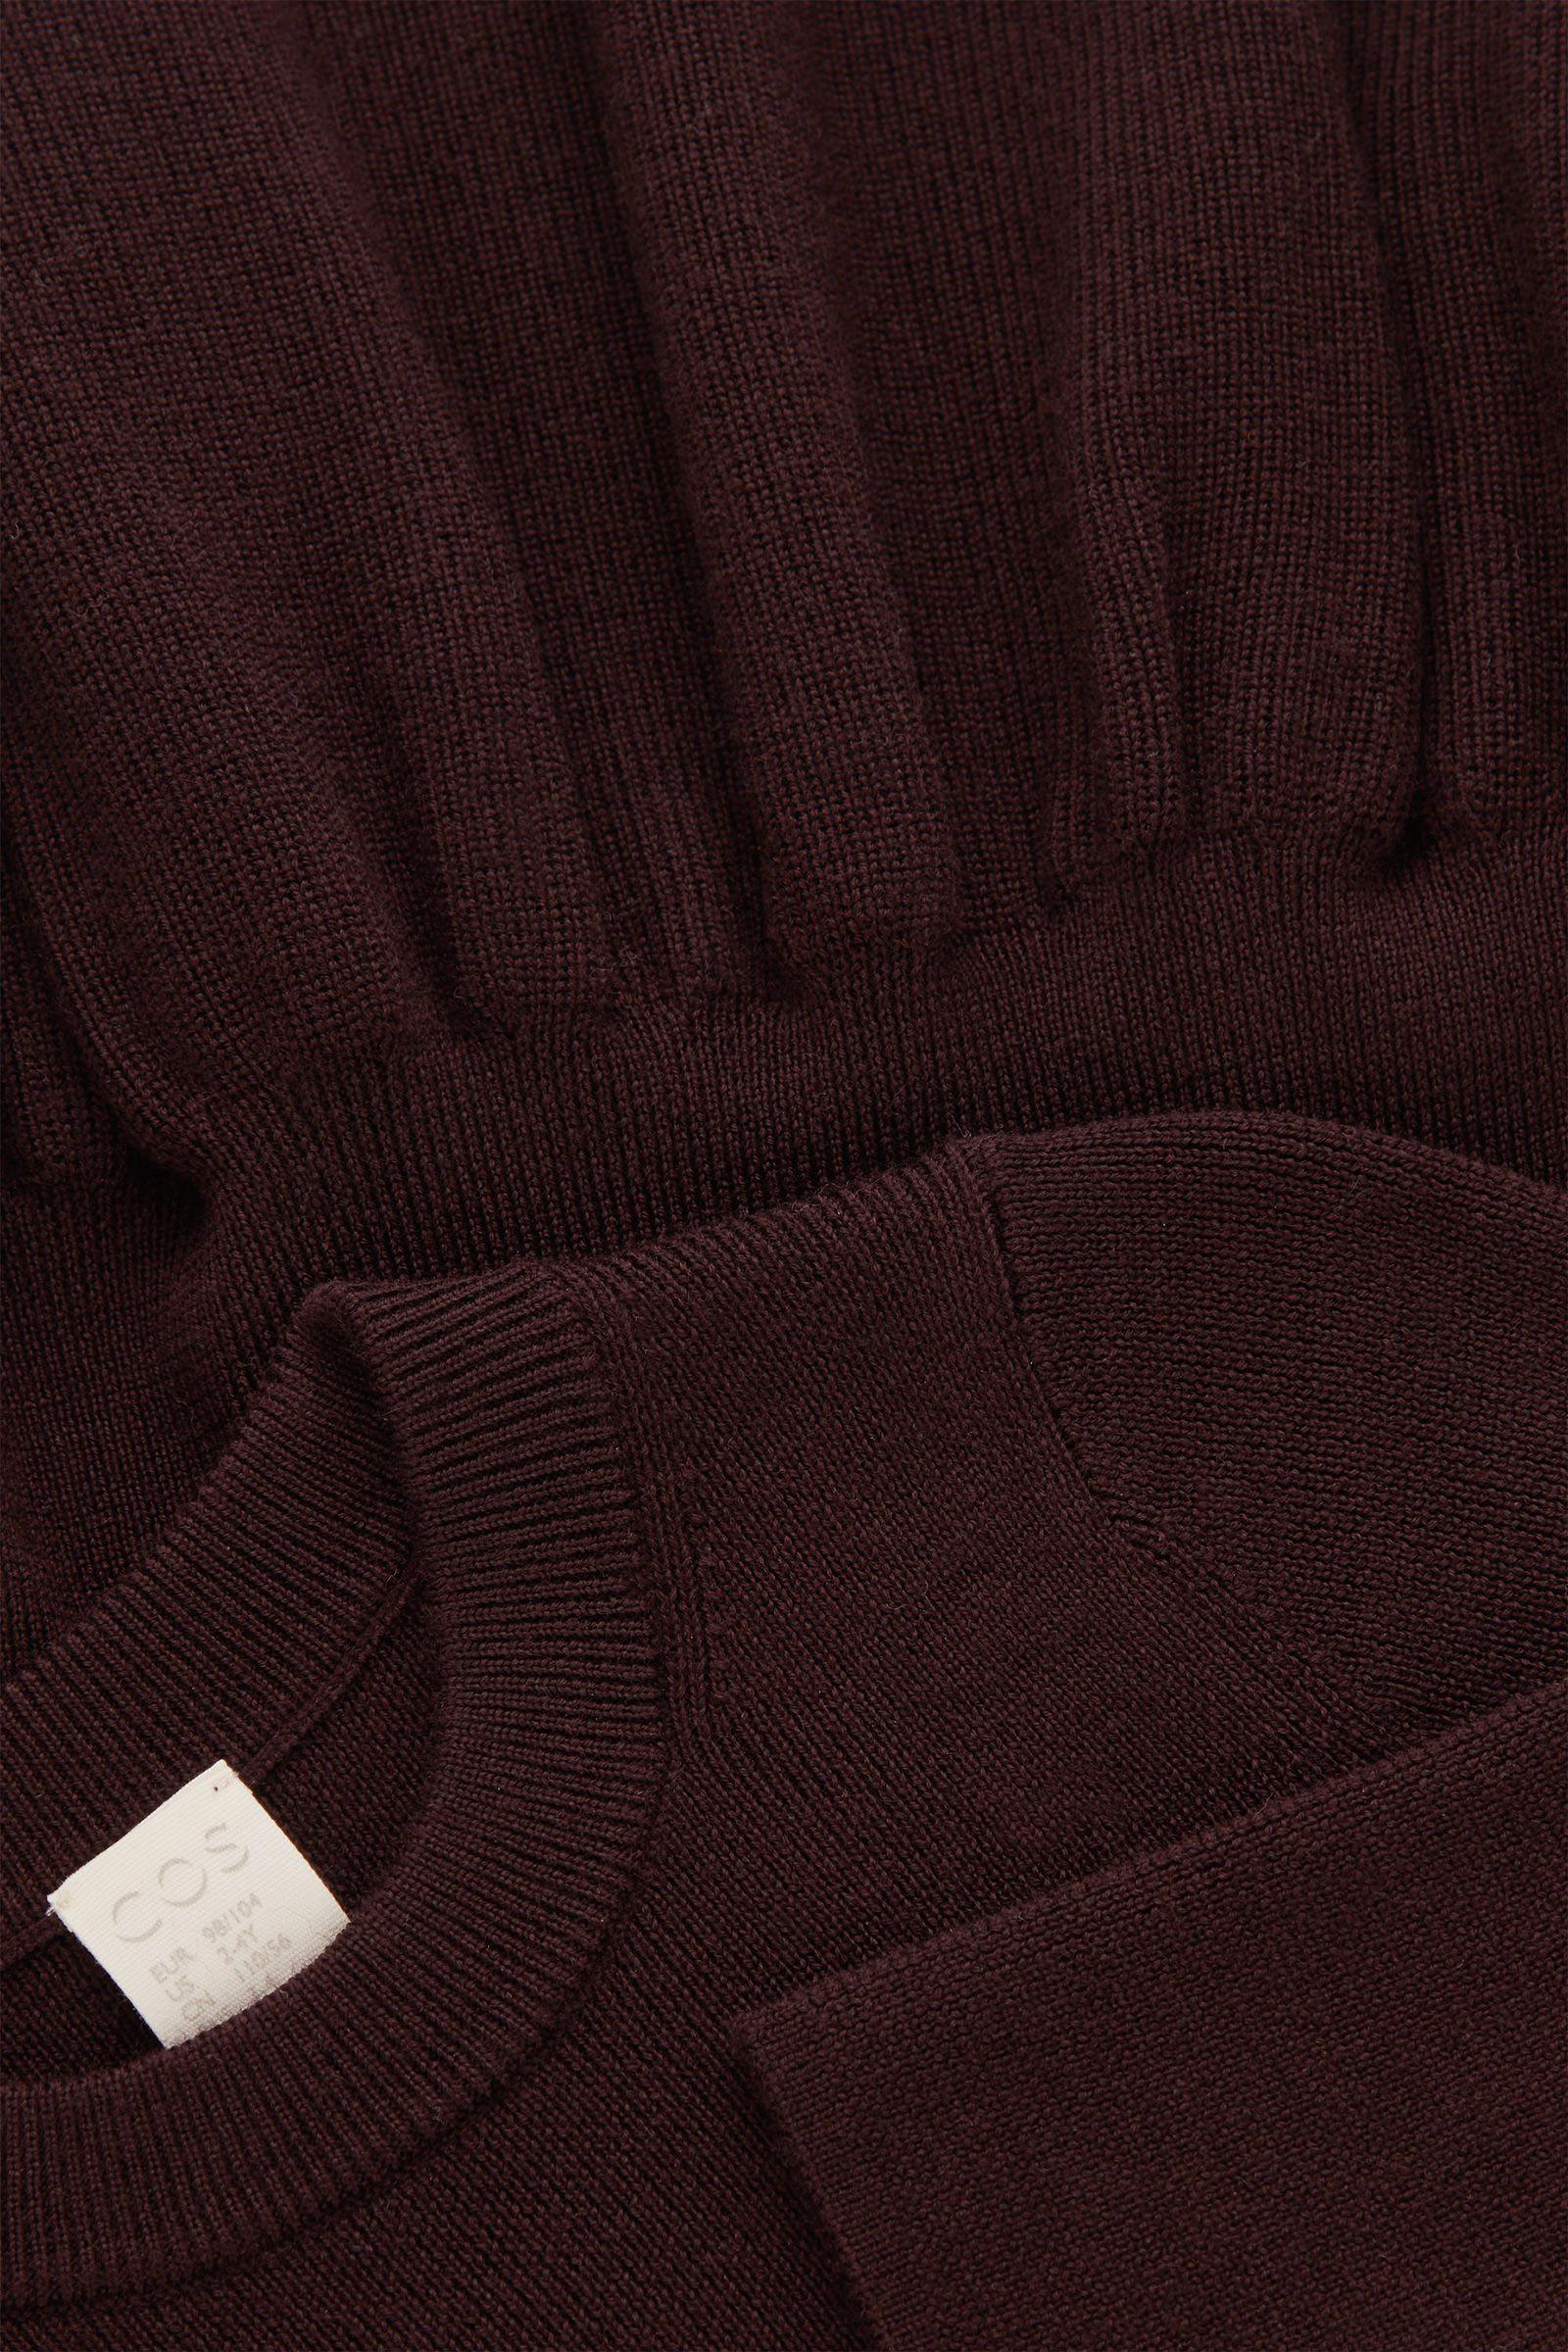 COS 울 페플럼 드레스의 딥 퍼플컬러 Detail입니다.